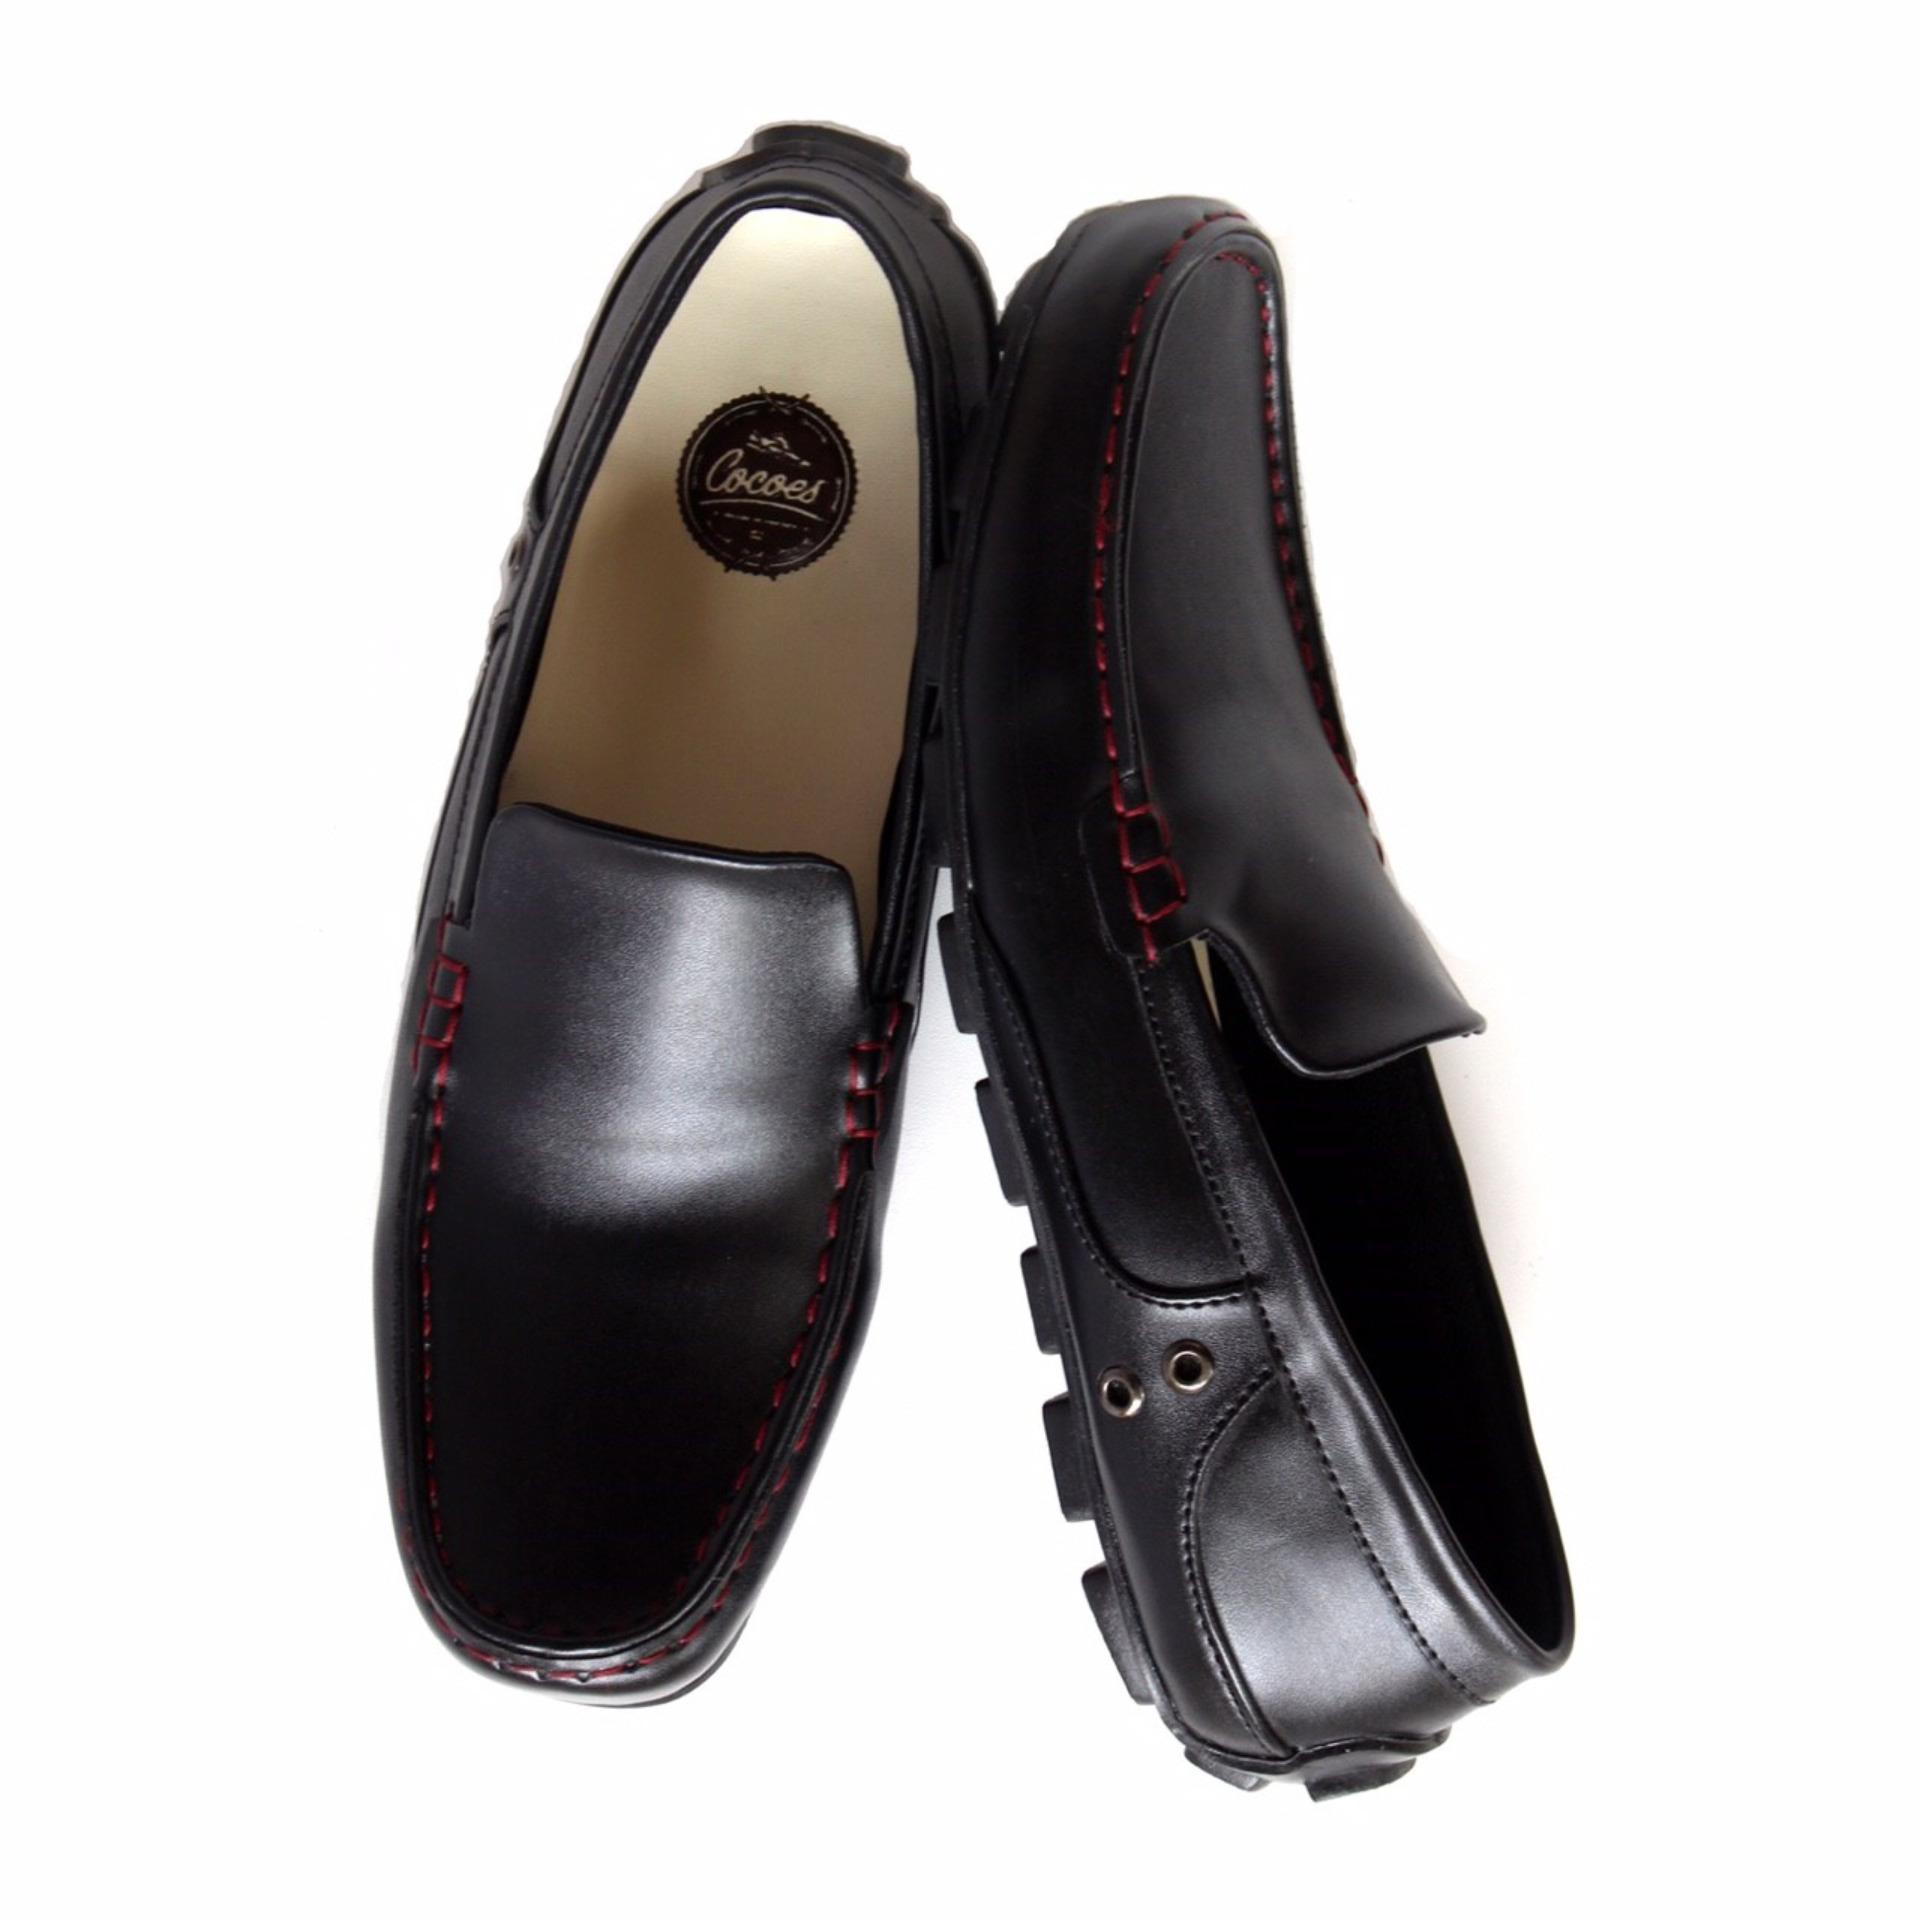 Harga Sepatu Slip On Cocoes Attore Cocoes Online